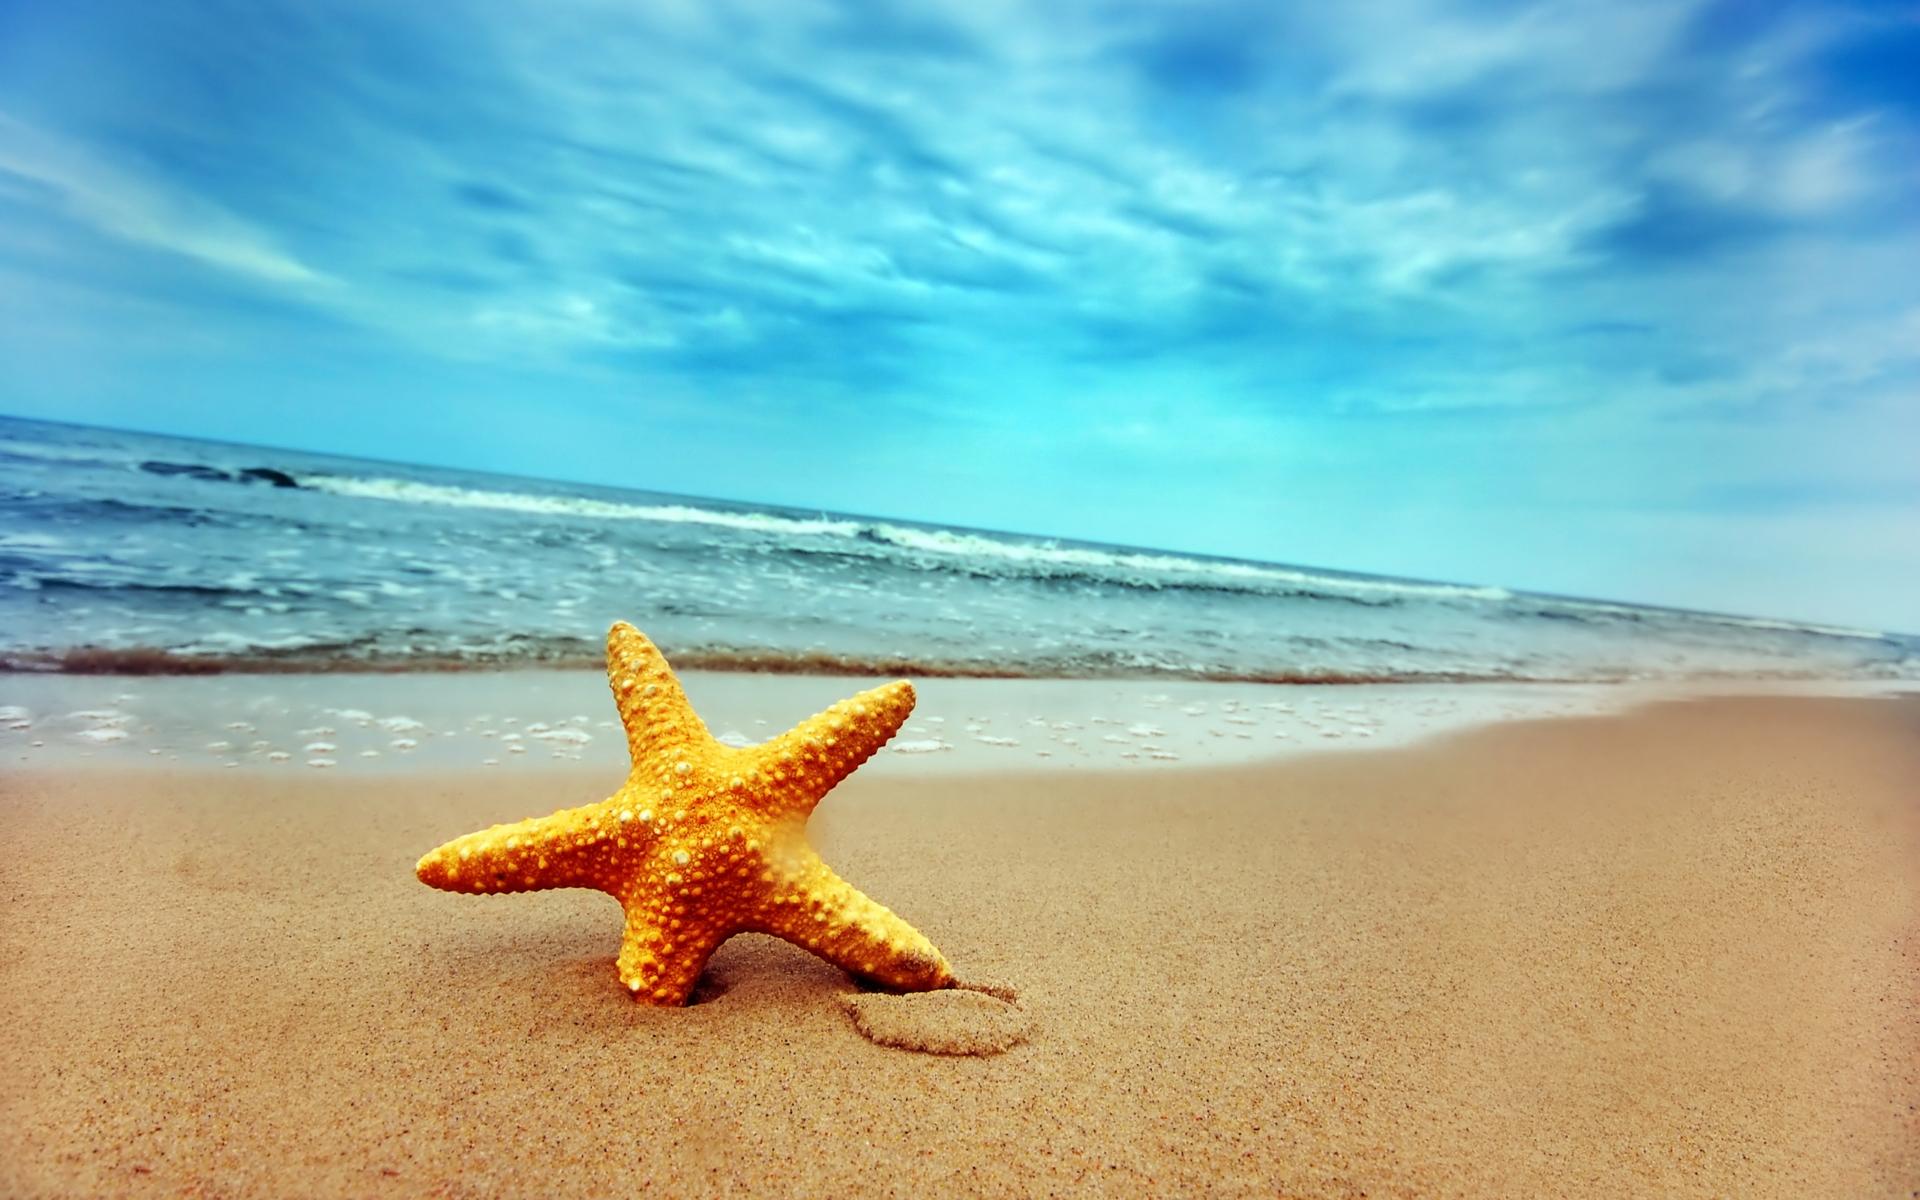 Una estrella de mar - 1920x1200